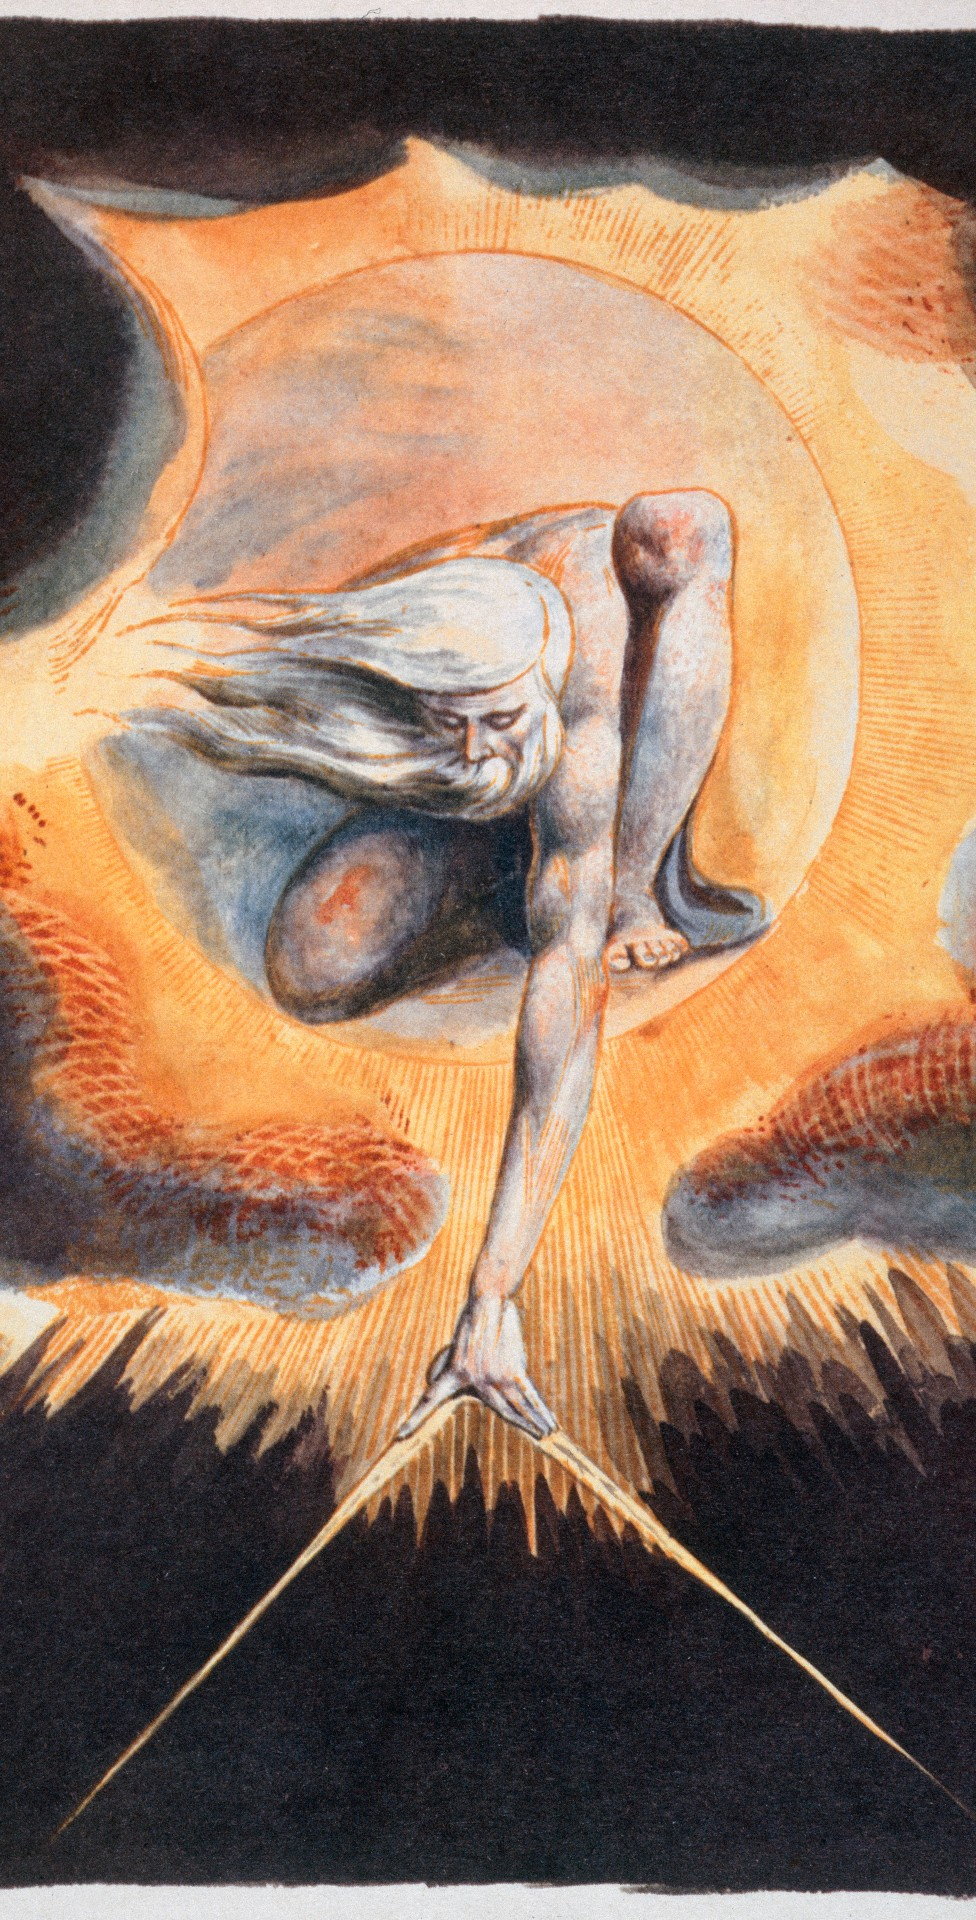 """Urizen mide el material del mundo en El anciano de los días, tomado de """"Europa, una profecía"""", de William Blake"""